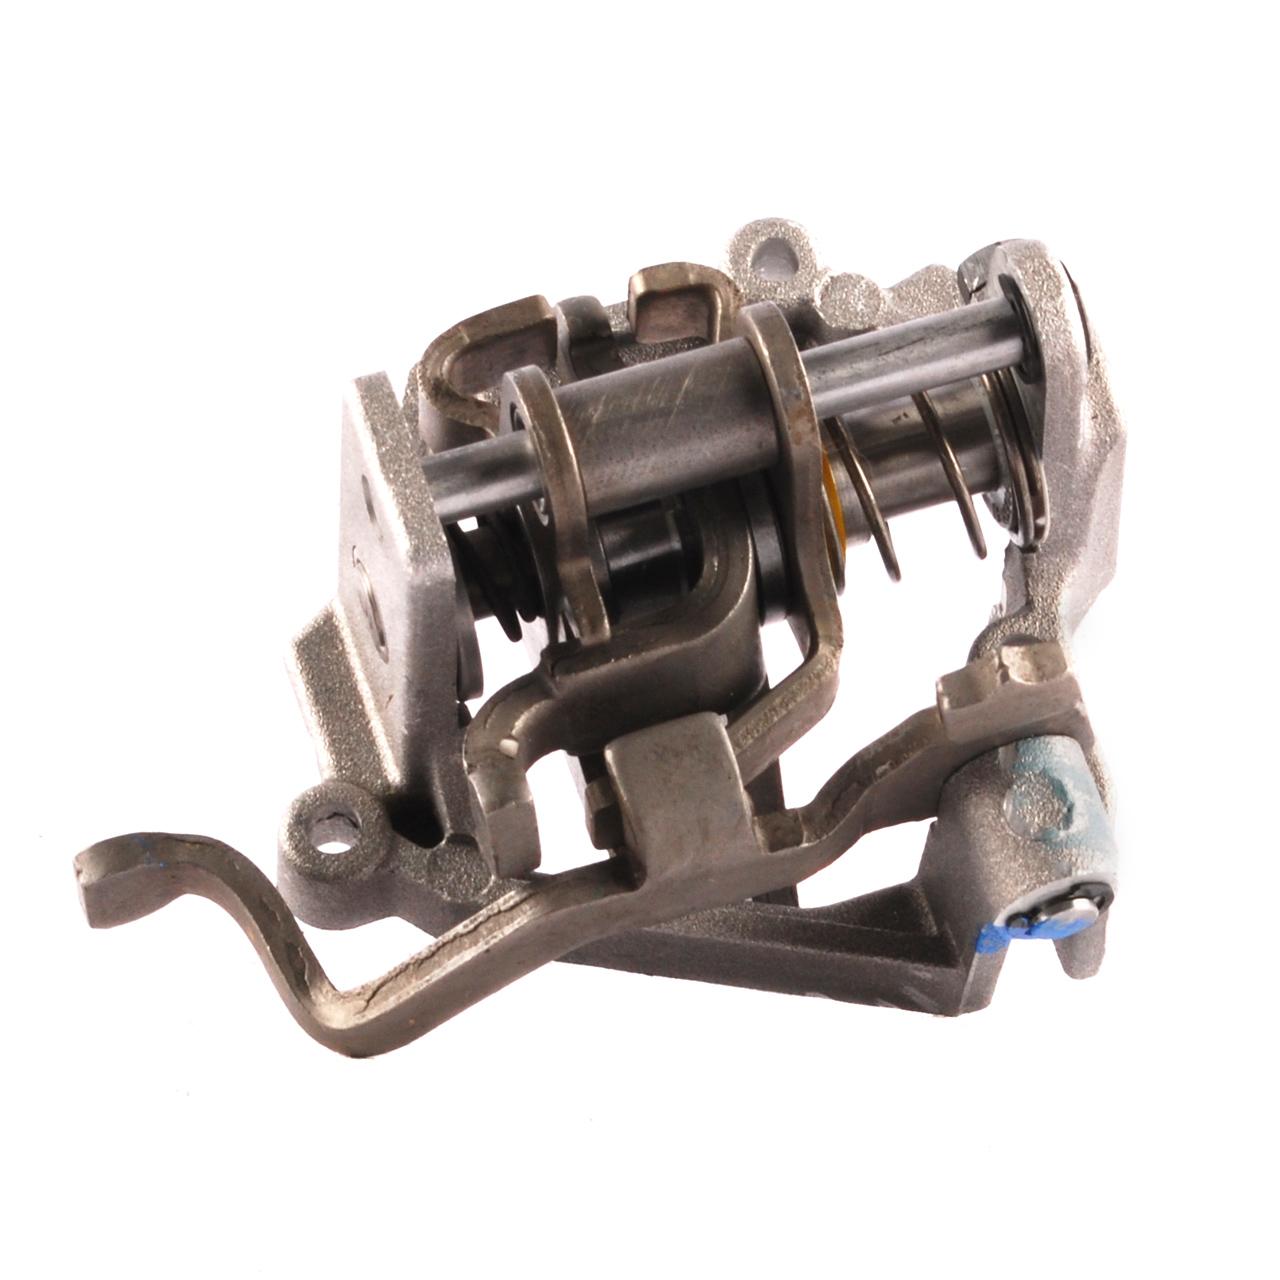 Фото №1 - механизм выбора передач ВАЗ 2110